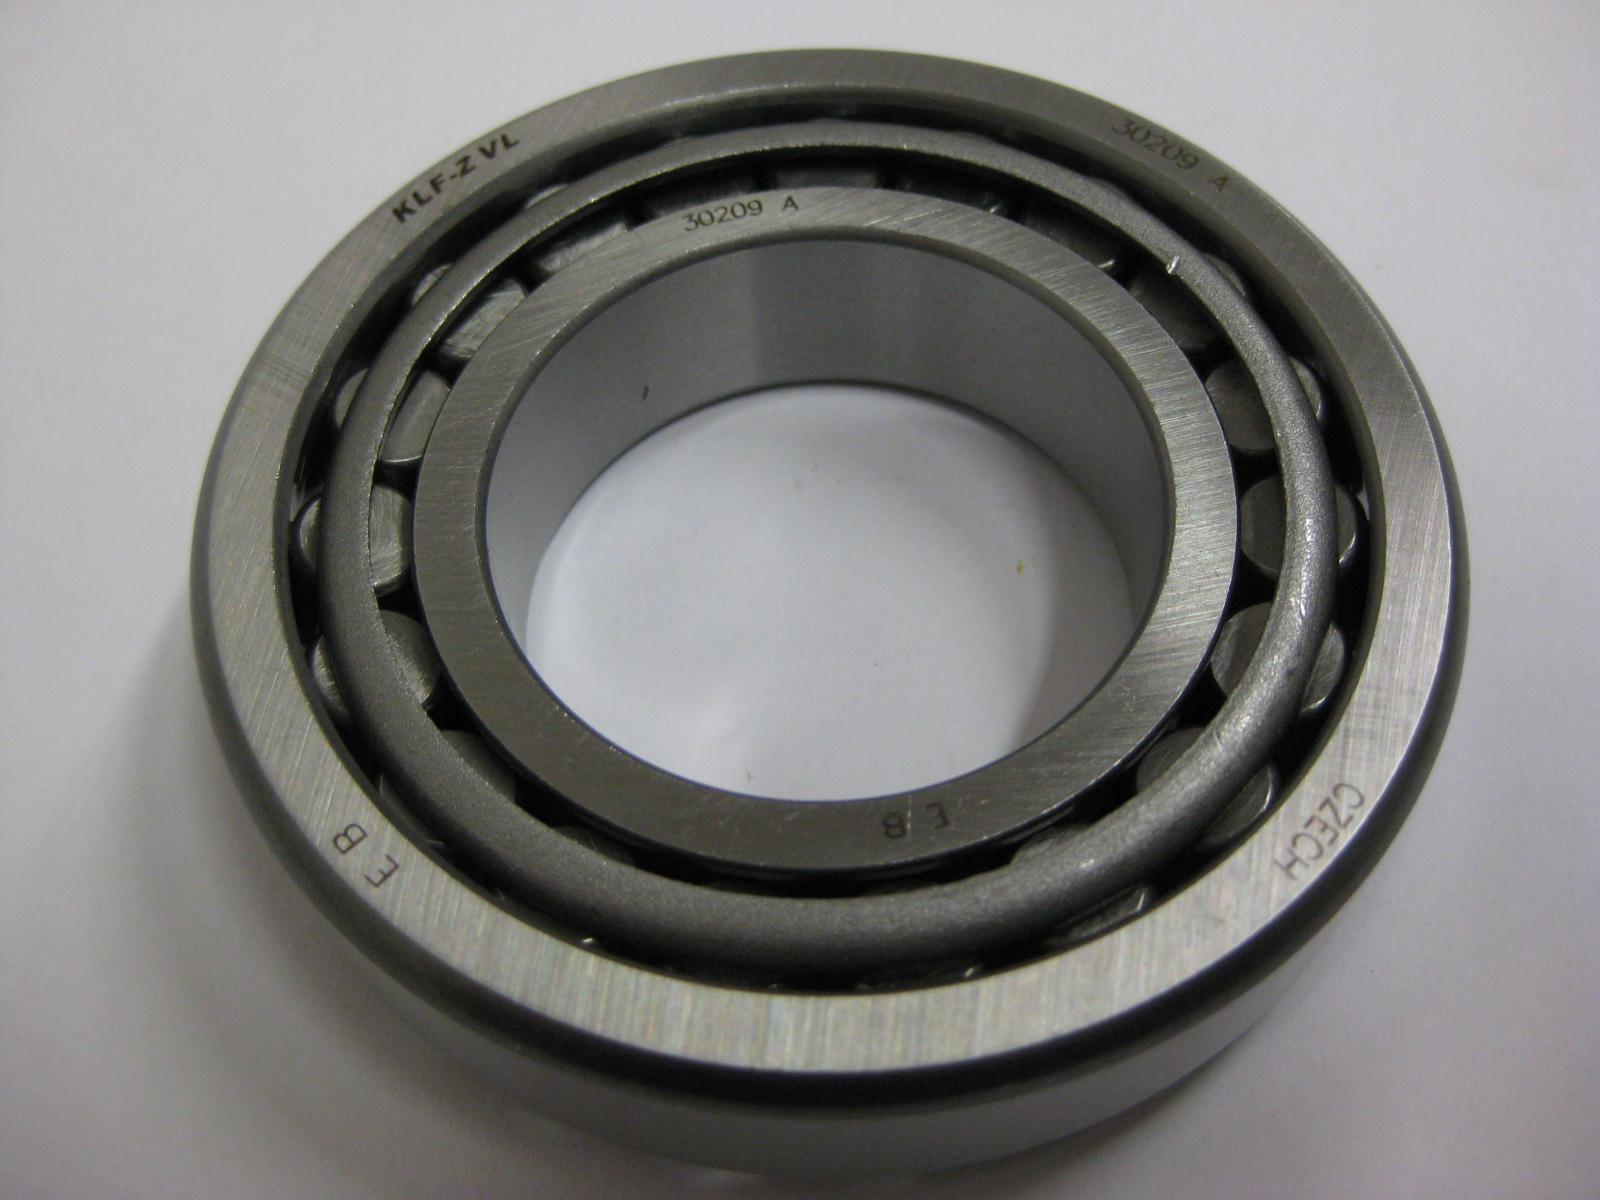 ložisko kuželíkové 30 209 H4-3 Multicar 25